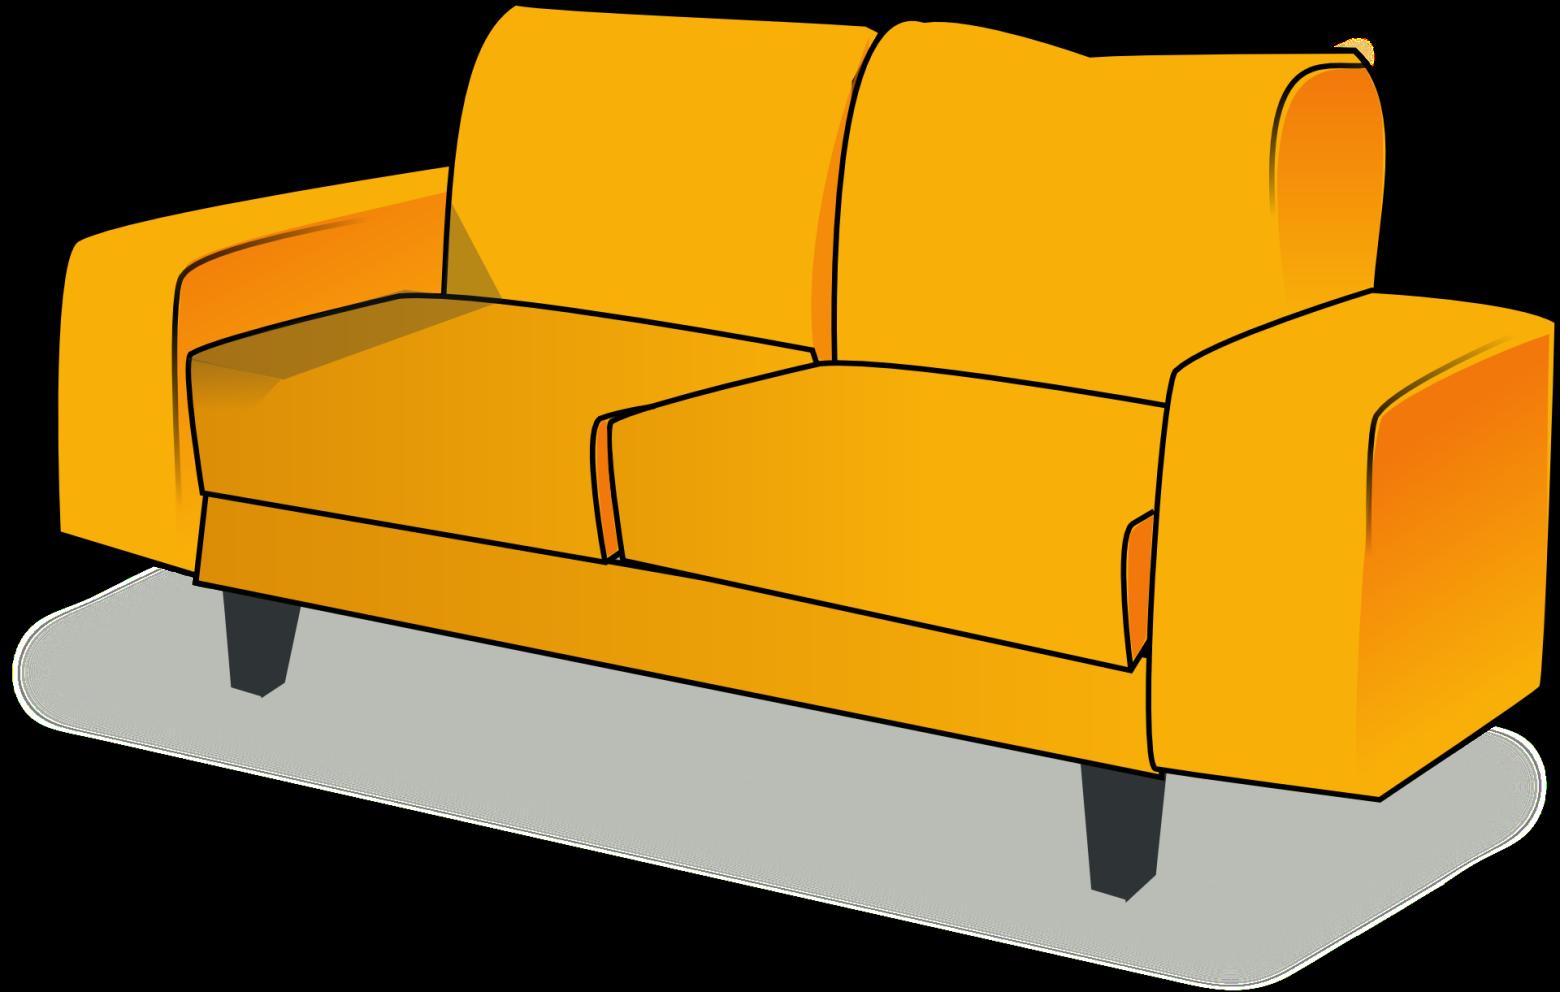 Cliparts images gratuites canap sofa meuble mobilier images gratuites et libres de droits for Meuble transparent